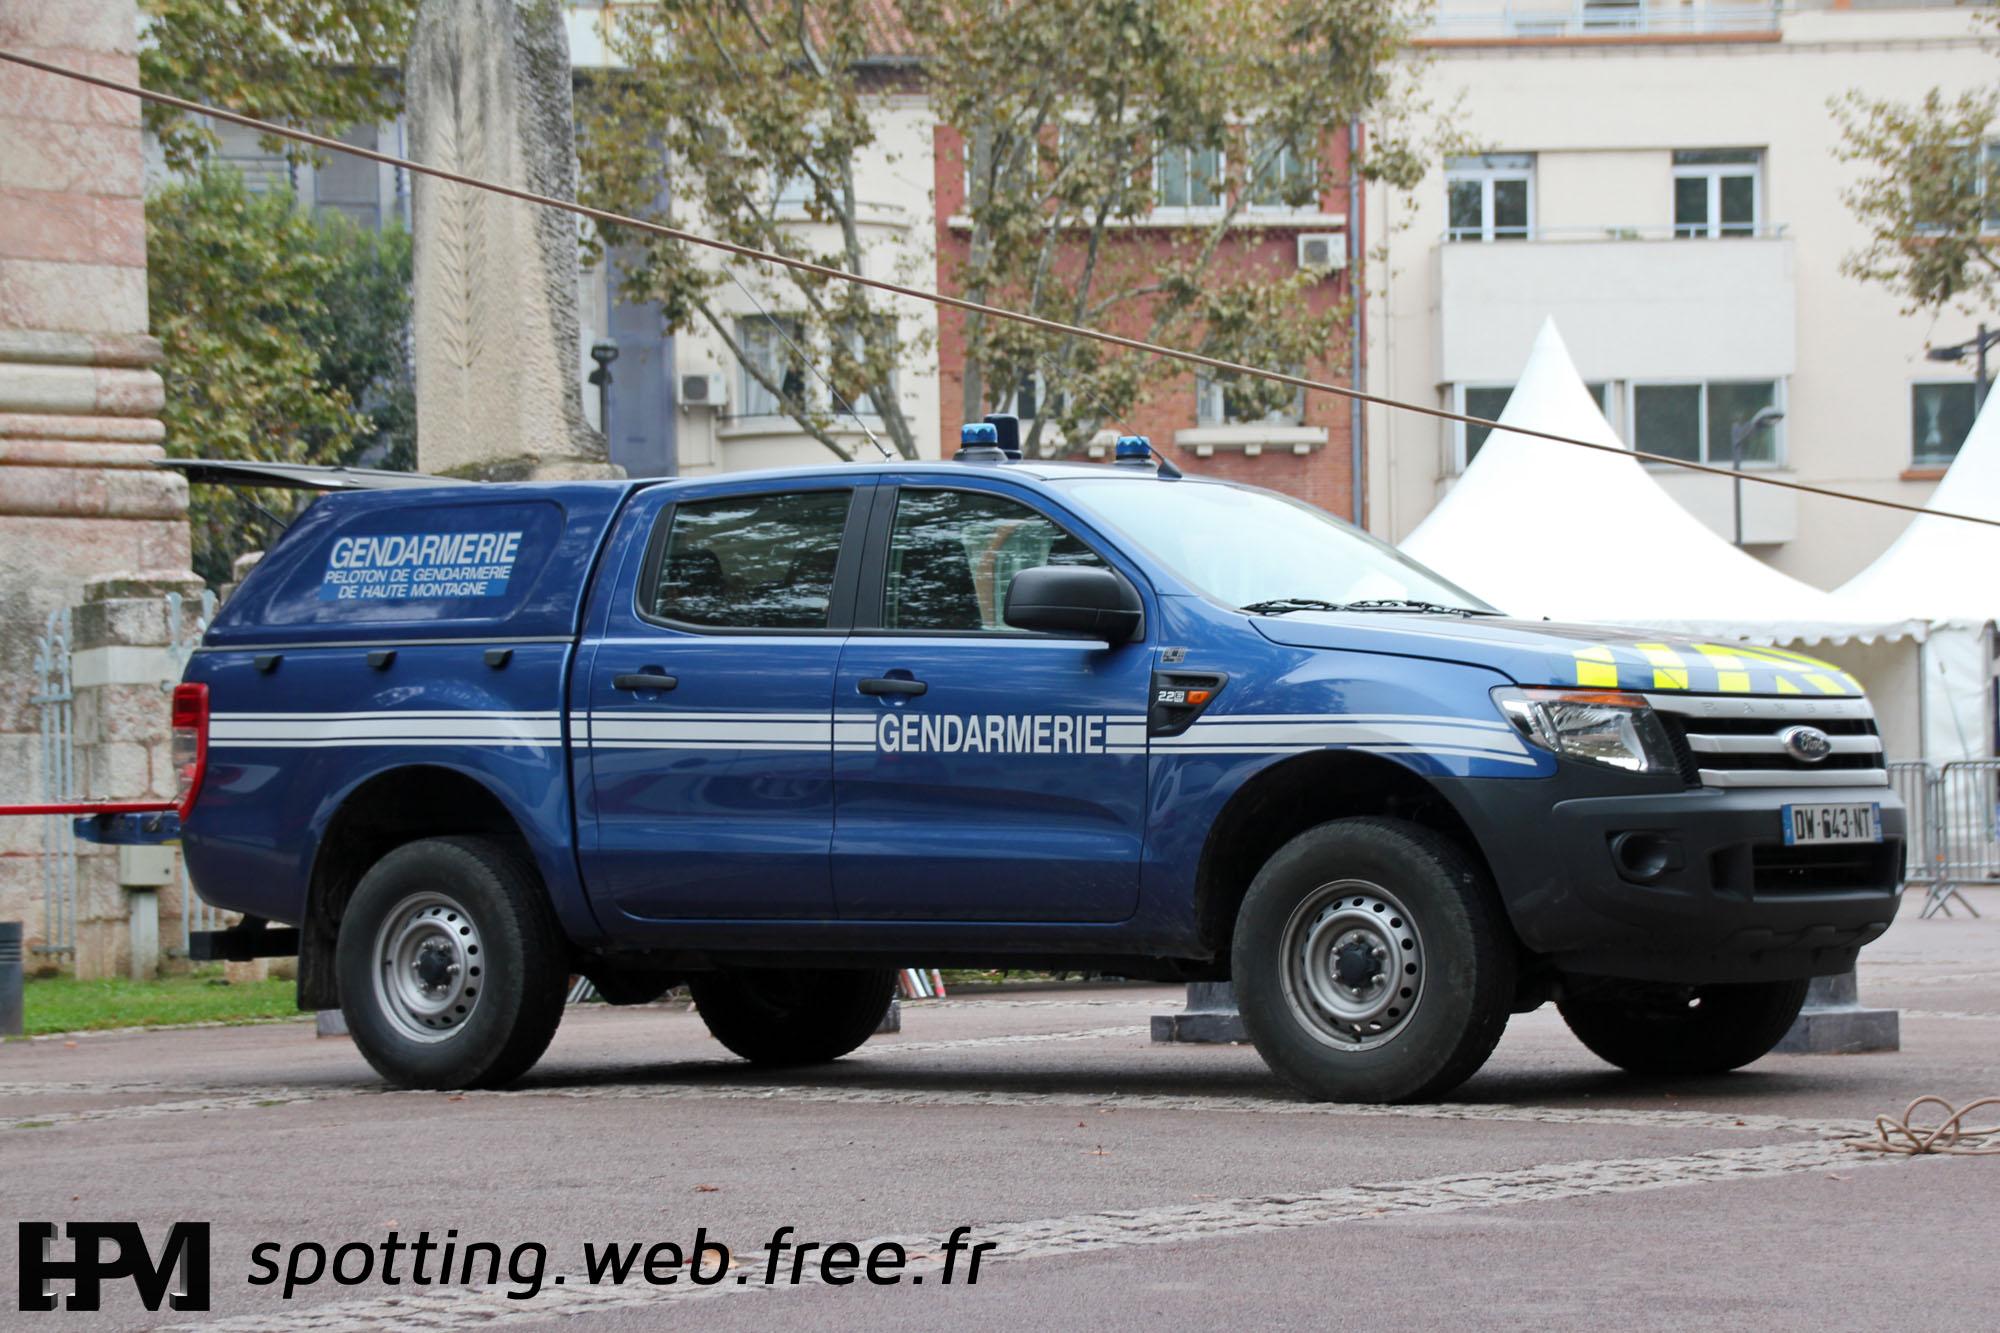 photos de voitures de police page 2599 auto titre. Black Bedroom Furniture Sets. Home Design Ideas